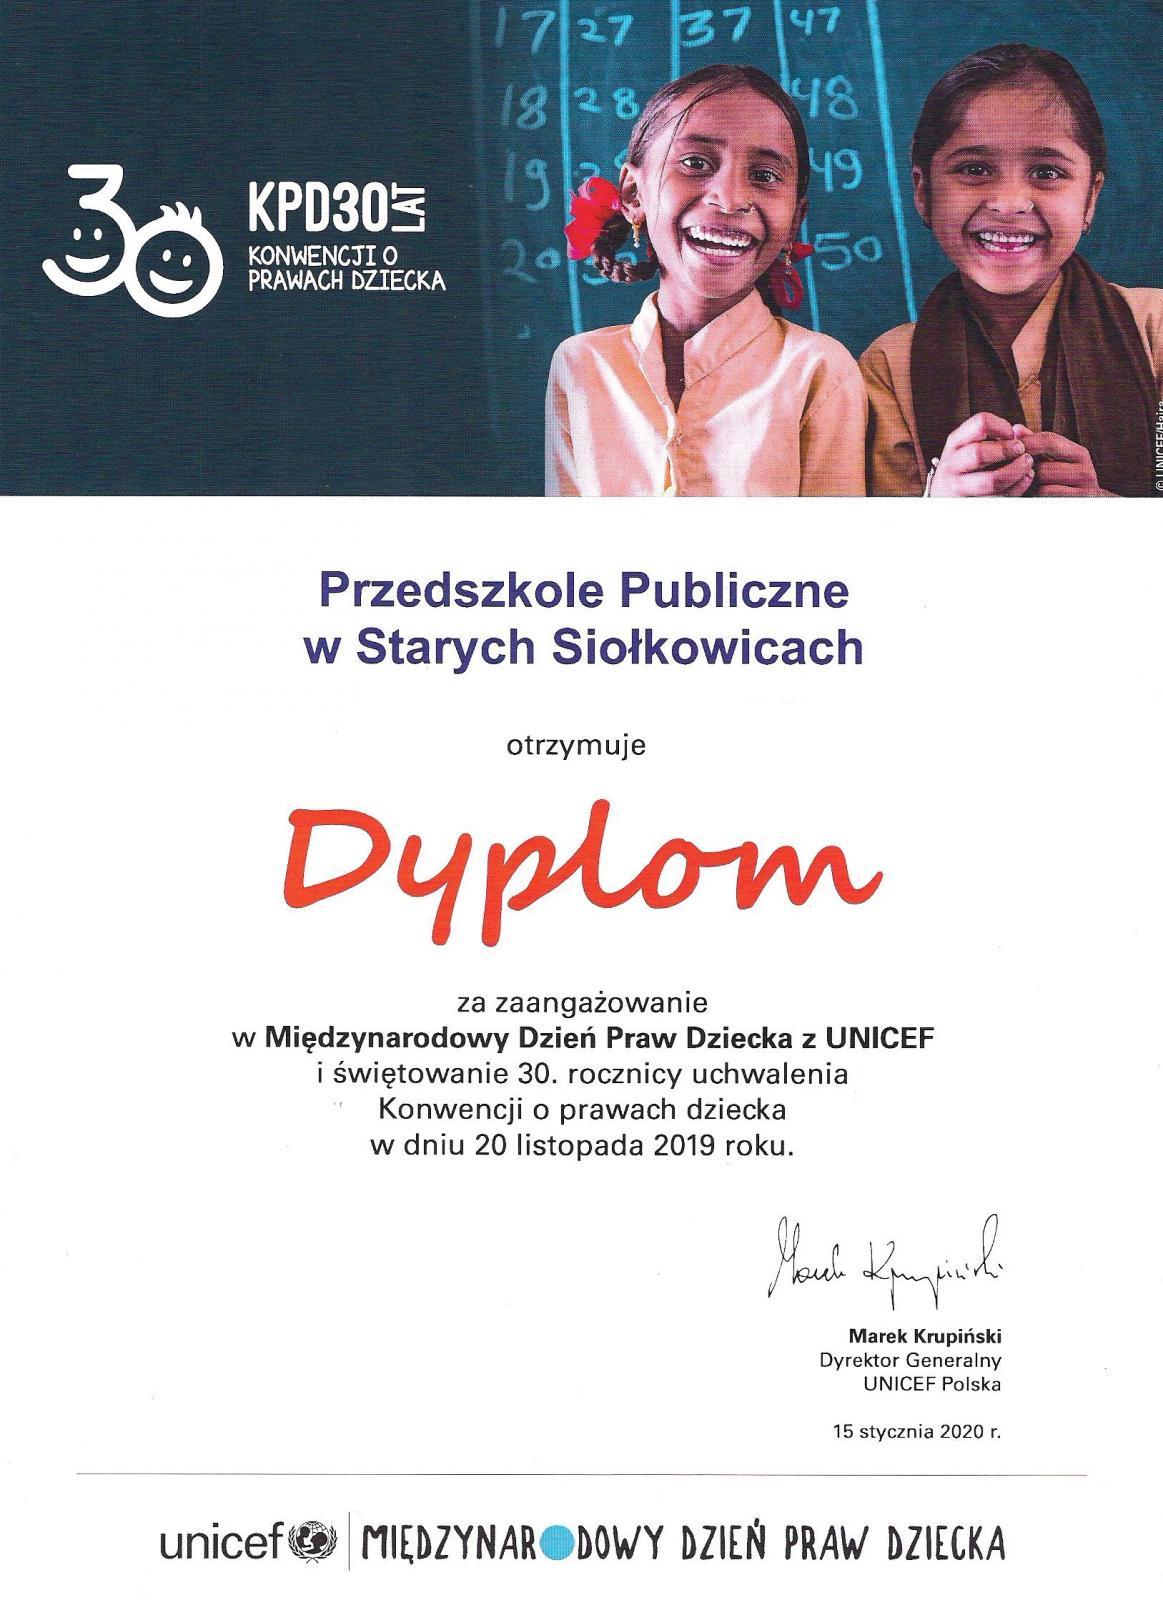 Dyplom za zaangażowanie w Międzynarodowy Dzień Praw Dziecka z UNICEF